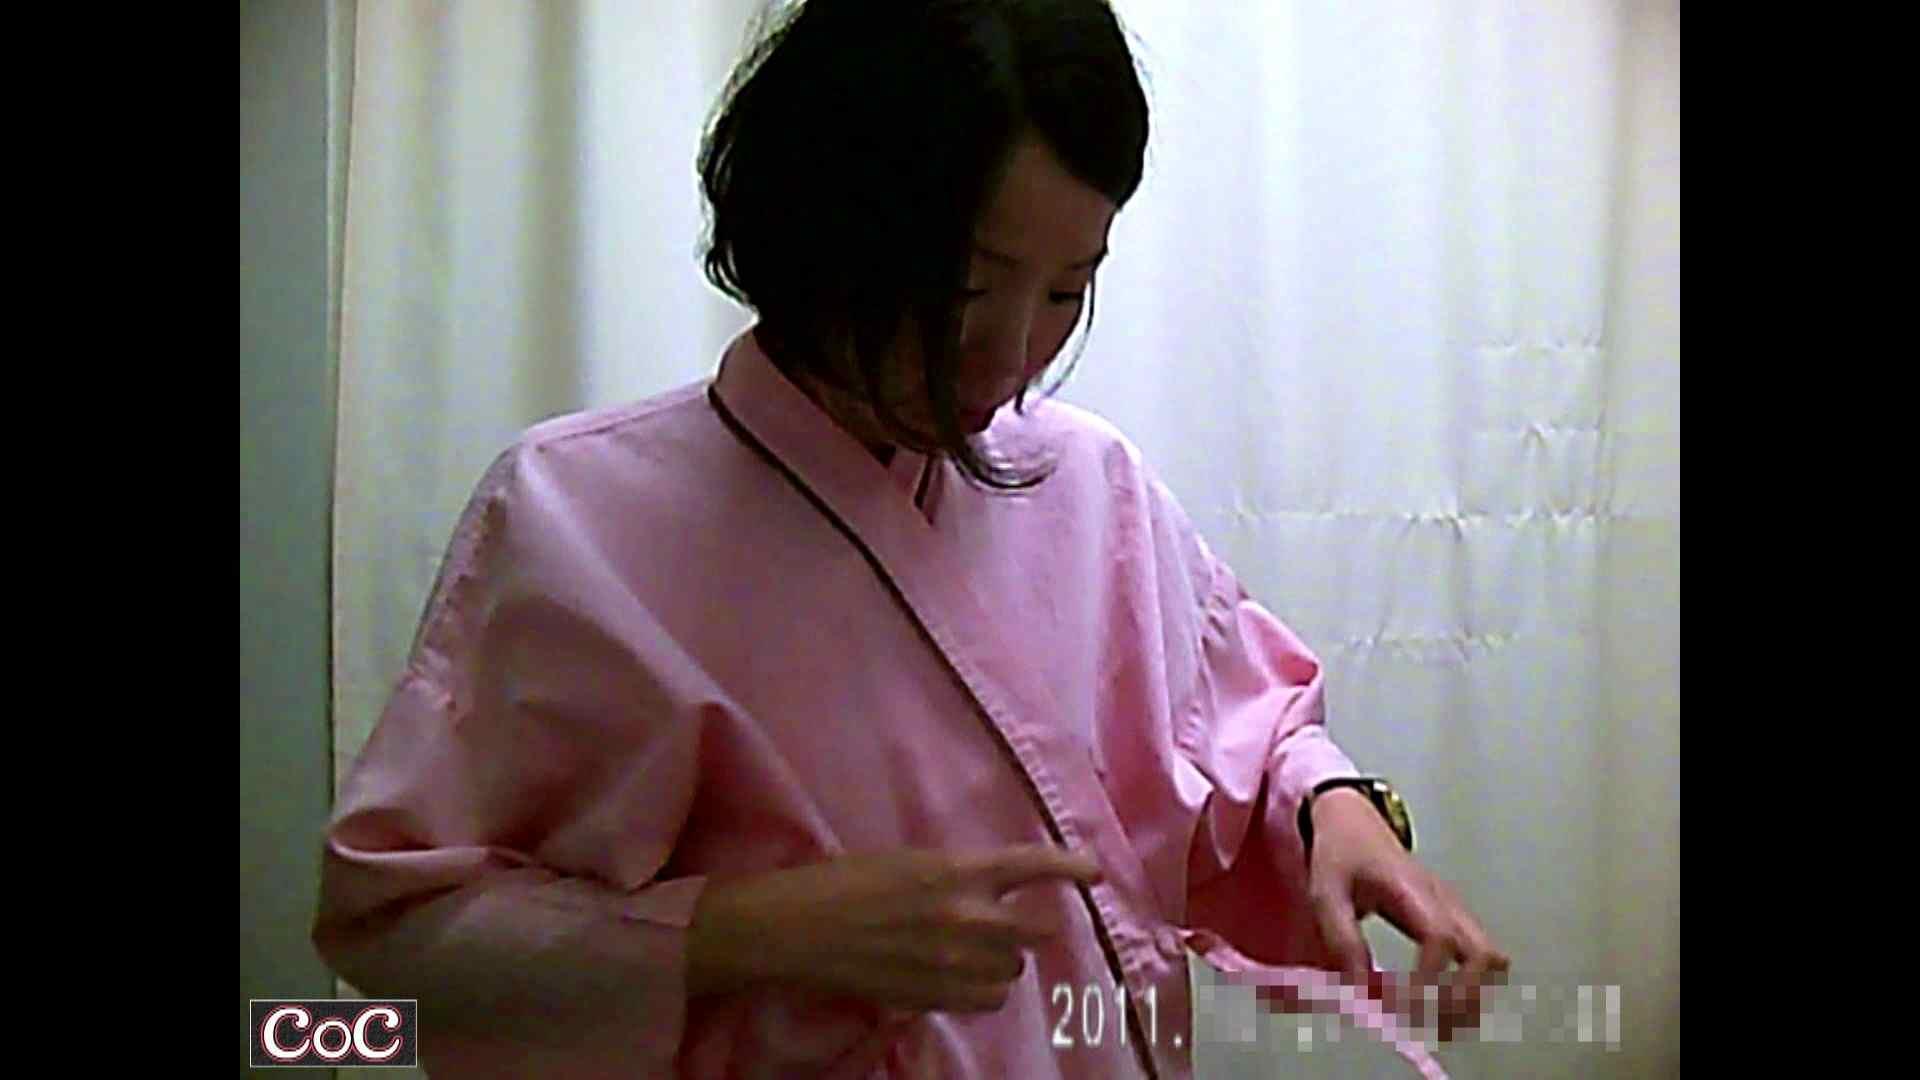 病院おもいっきり着替え! vol.73 着替え 盗み撮り動画キャプチャ 111連発 54